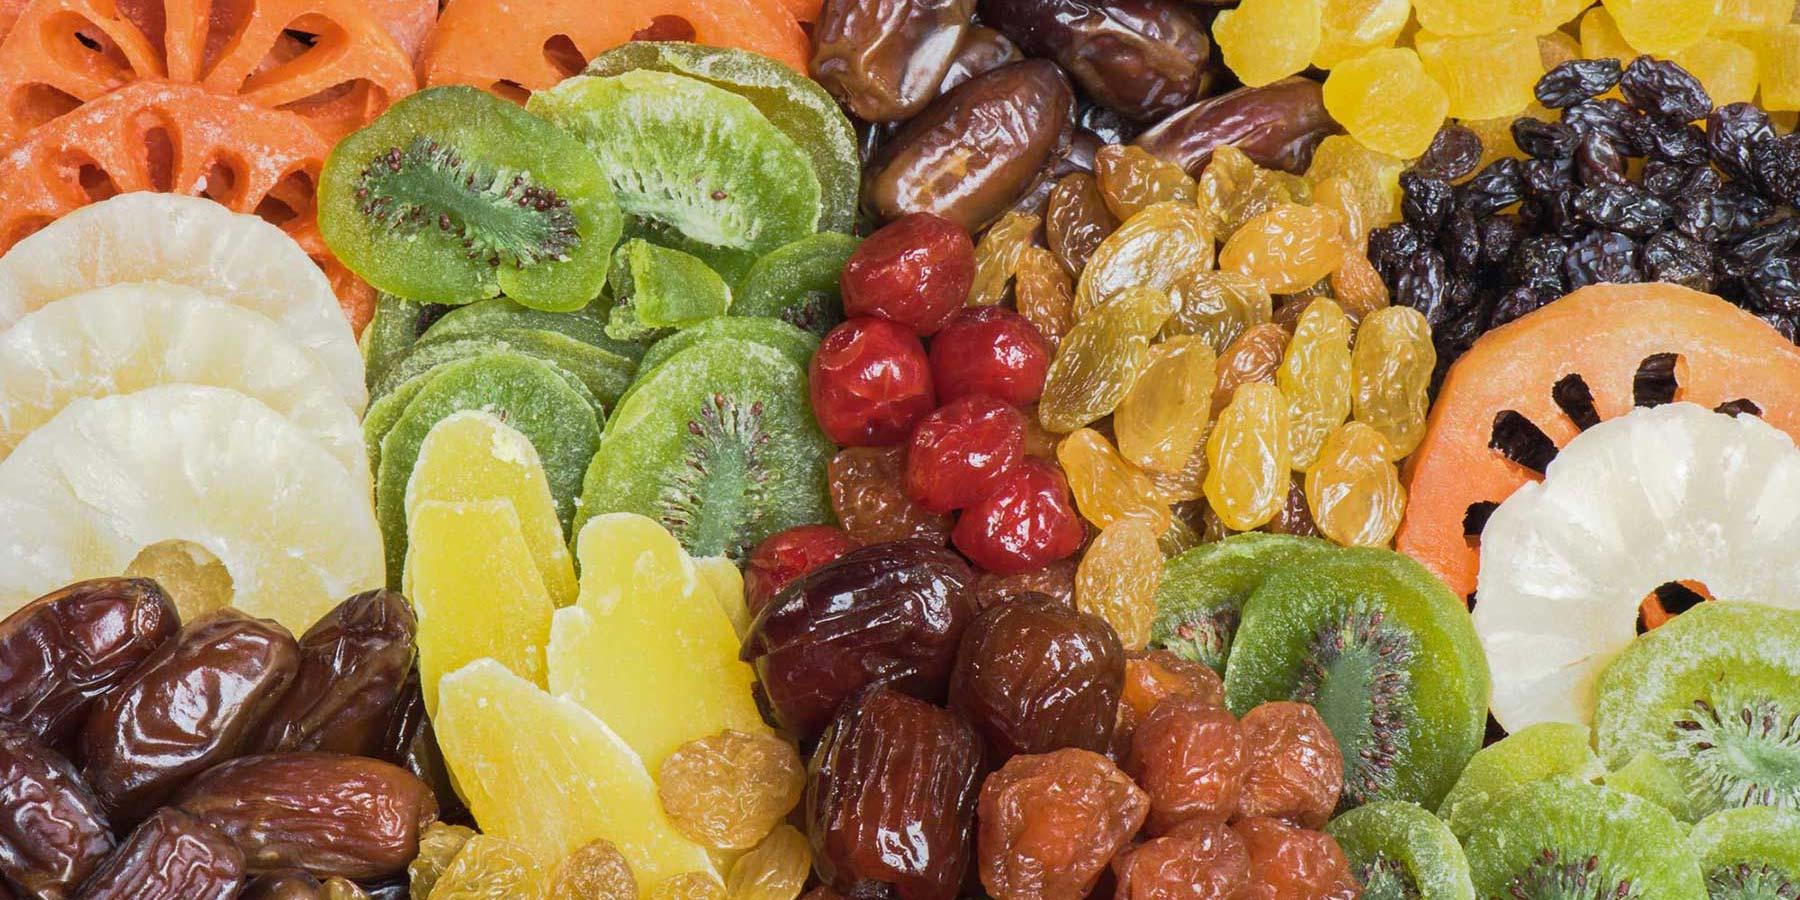 Correre con gusto: 5 tipi di frutta essiccata da provare